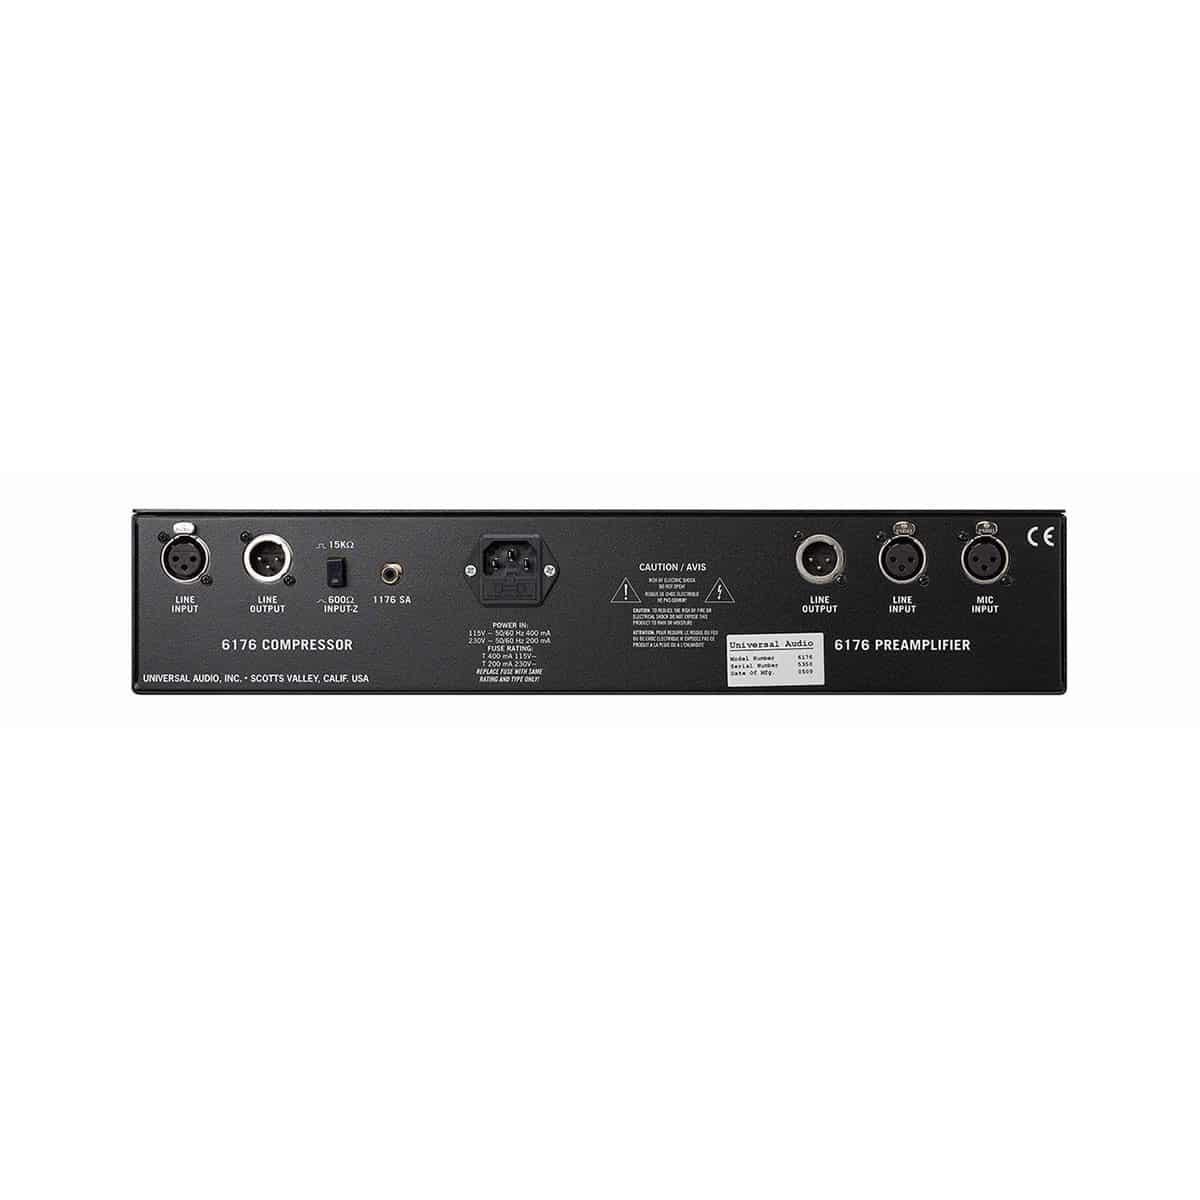 Universal Audio 6176 02 Channel Strip, Outboard professionale analogico, Preamplificatori microfonici in formato Rack e Serie 500, Strumentazioni Pro Audio per studi di registrazione